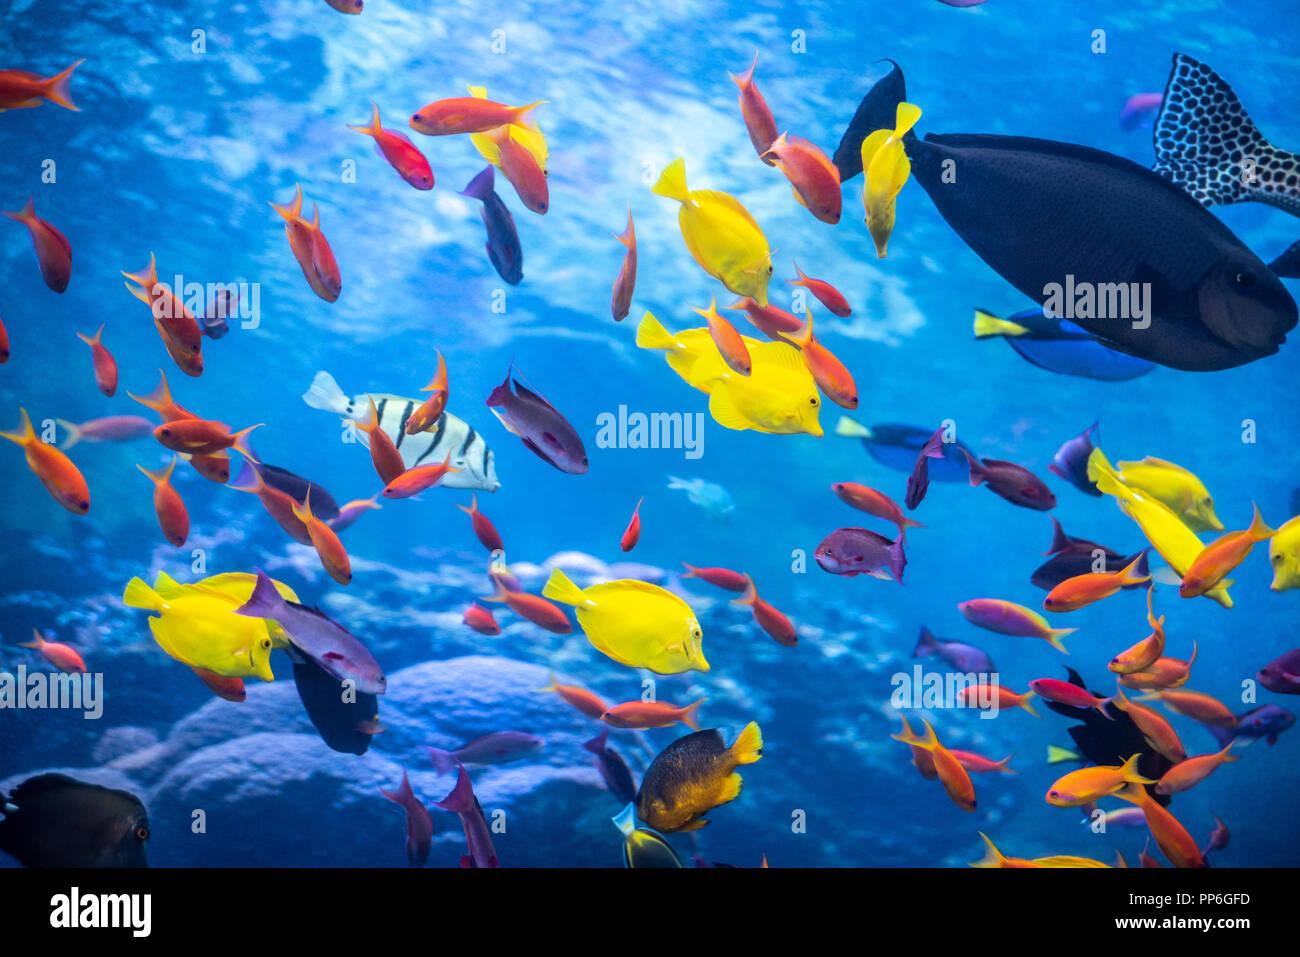 Récif tropical avec un arc-en-ciel assortiment de poissons à l'Aquarium de Géorgie dans le centre-ville d'Atlanta, Géorgie. (USA) Photo Stock